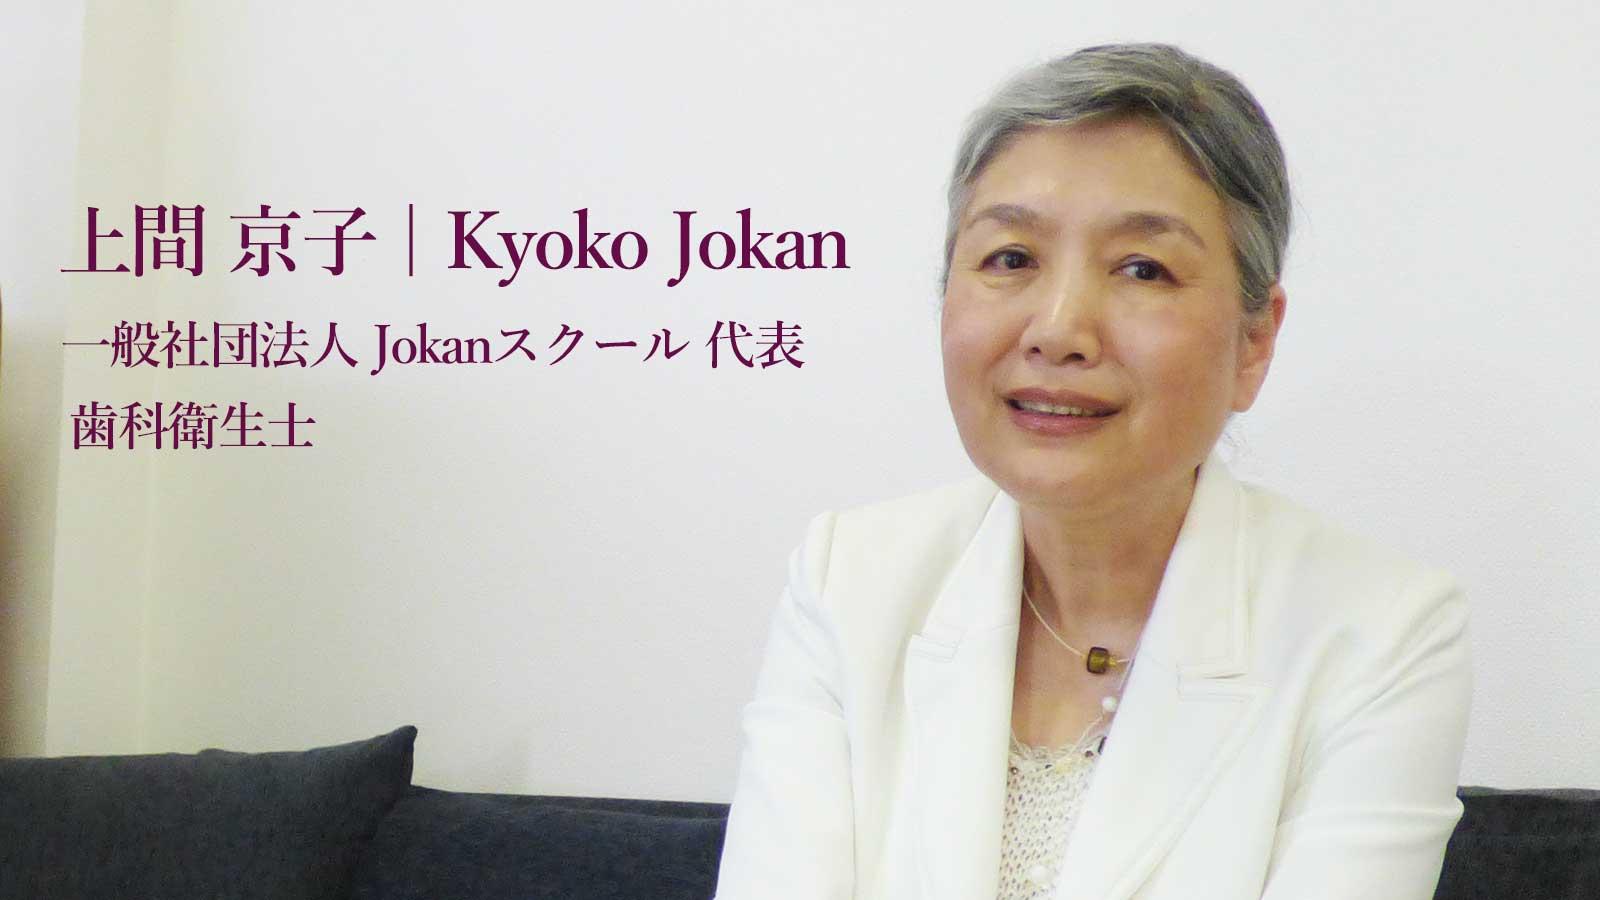 上間京子さん 『天命を知るまで  〜日々、歯科衛生士〜』の画像です